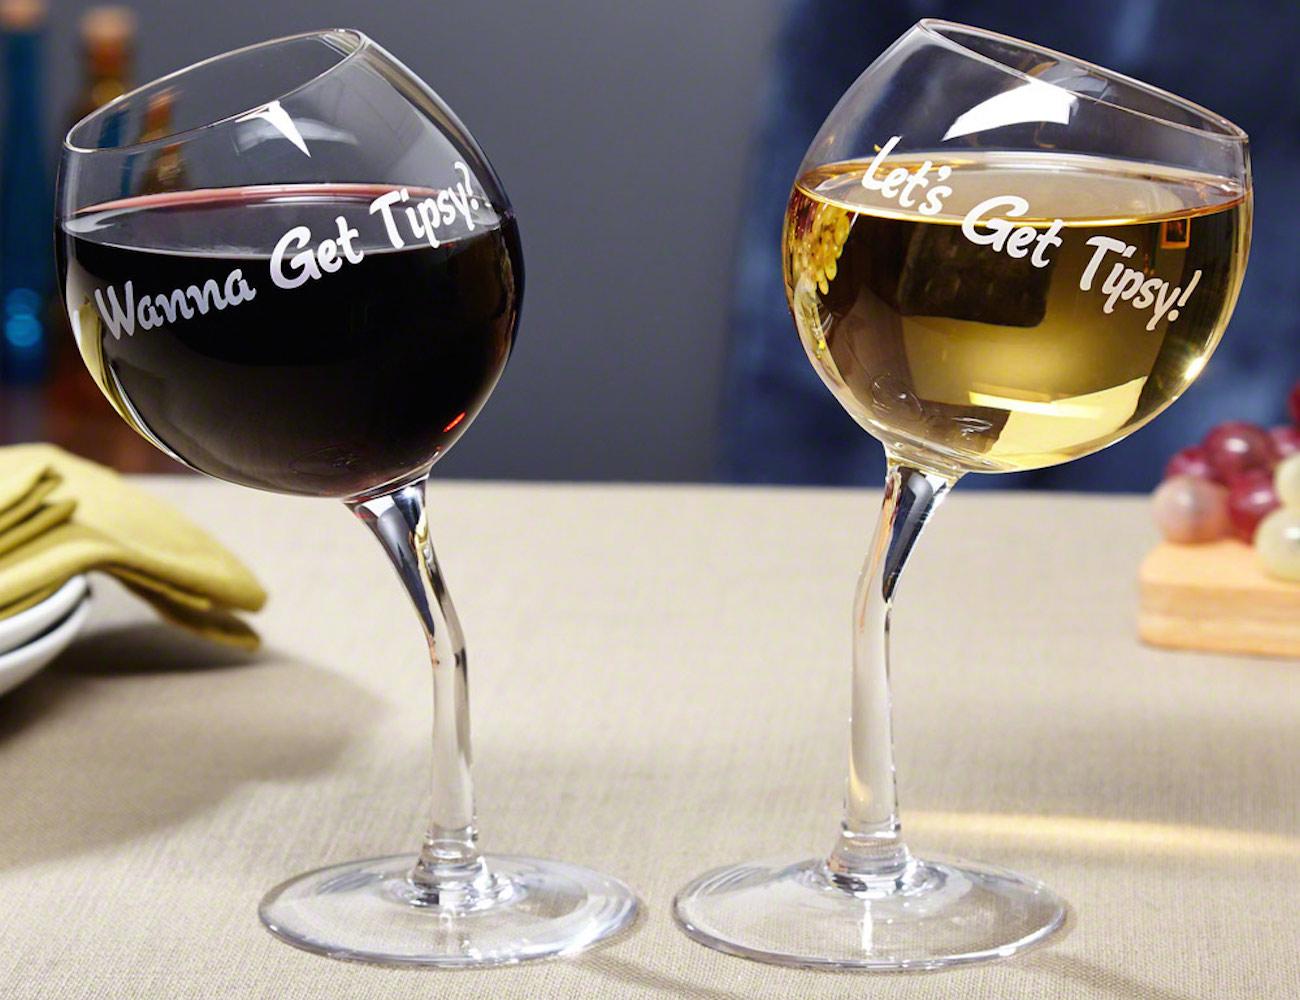 Lets+Get+Tipsy%21+Wine+Glasses